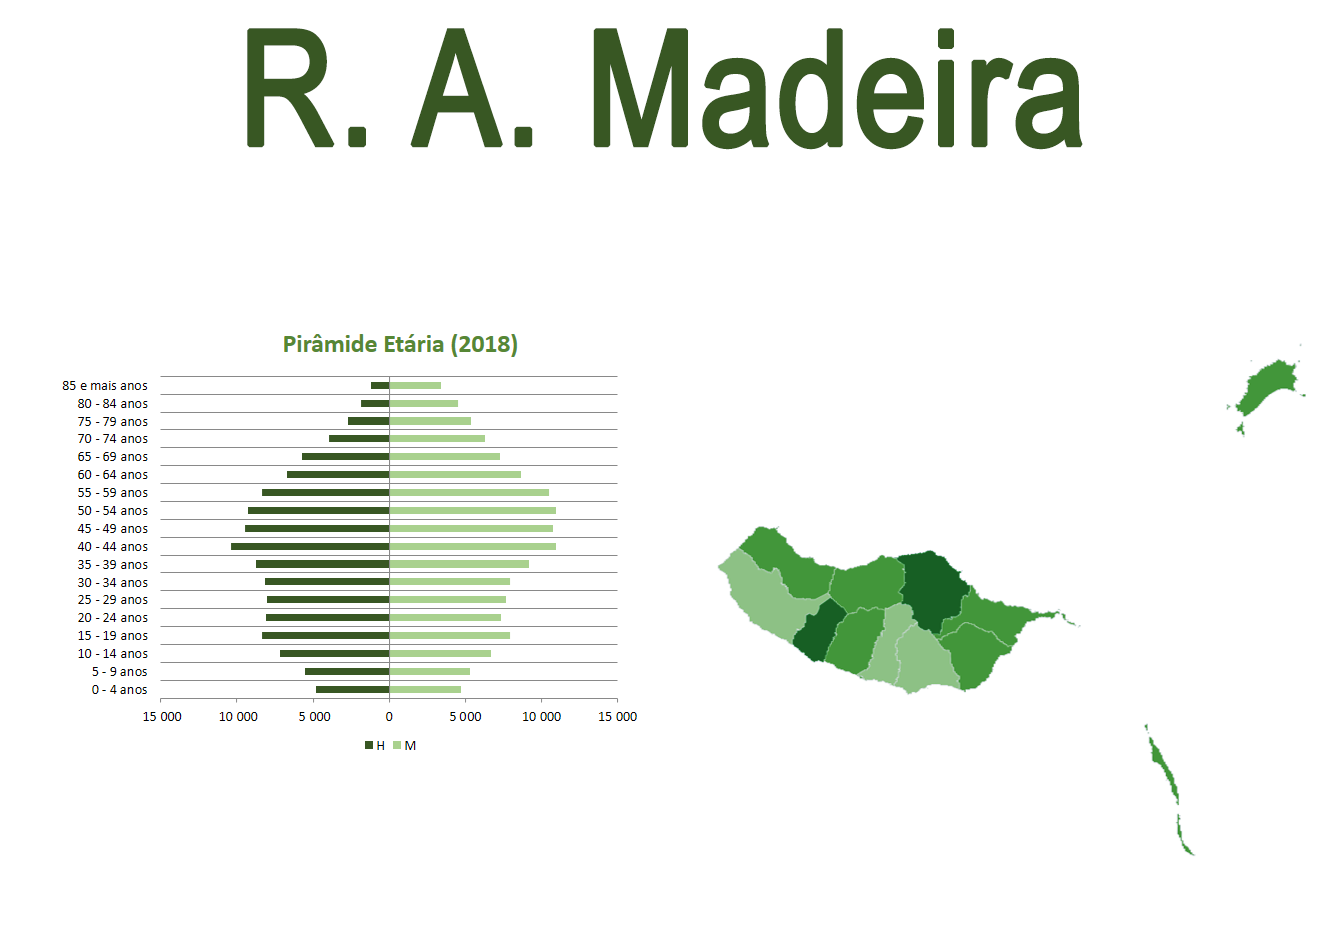 Mapa e Pirâmide Etária da Região Autónoma da Madeira